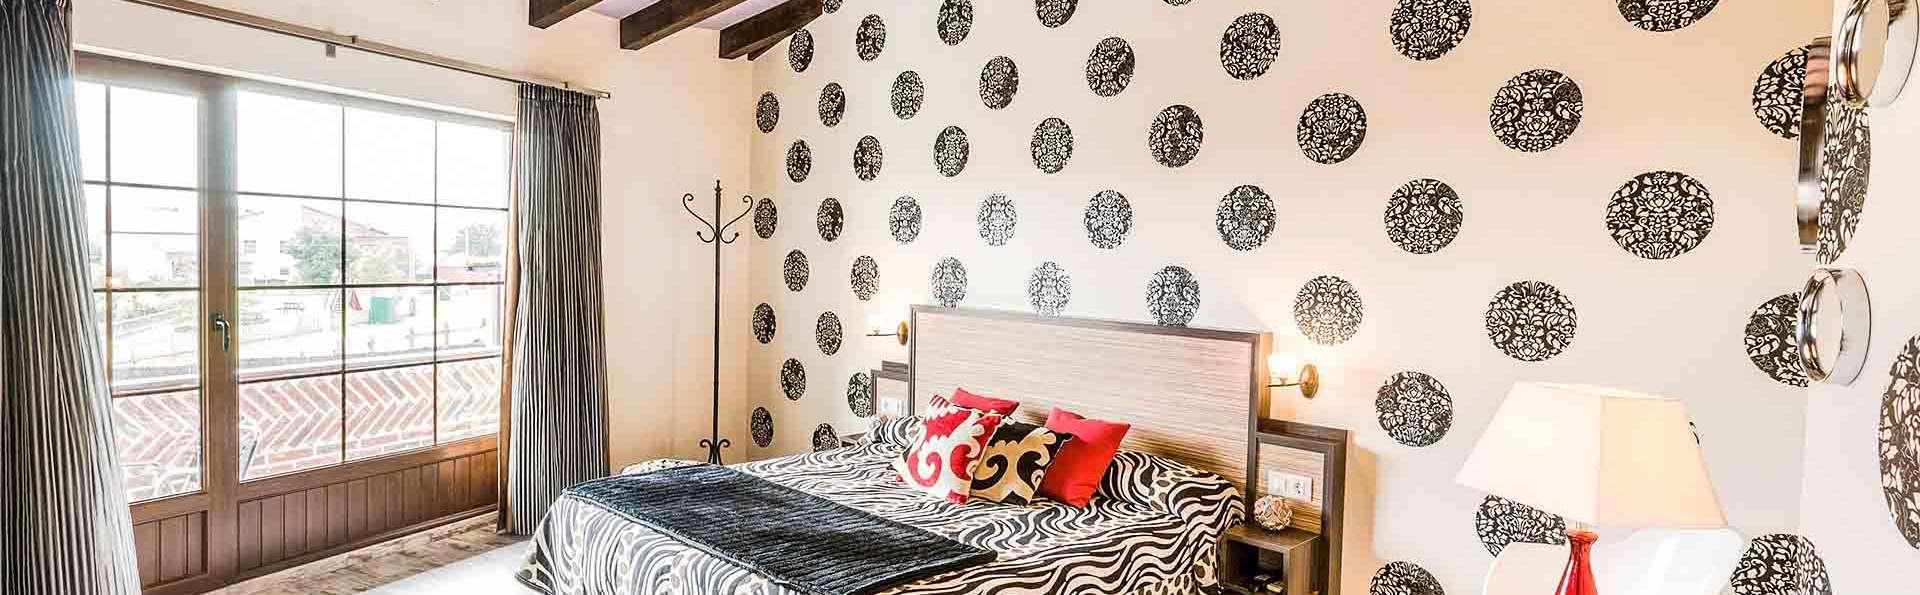 La Súper romántica en suite con bañera hidromasaje, botella de cava y bombones en Gajano